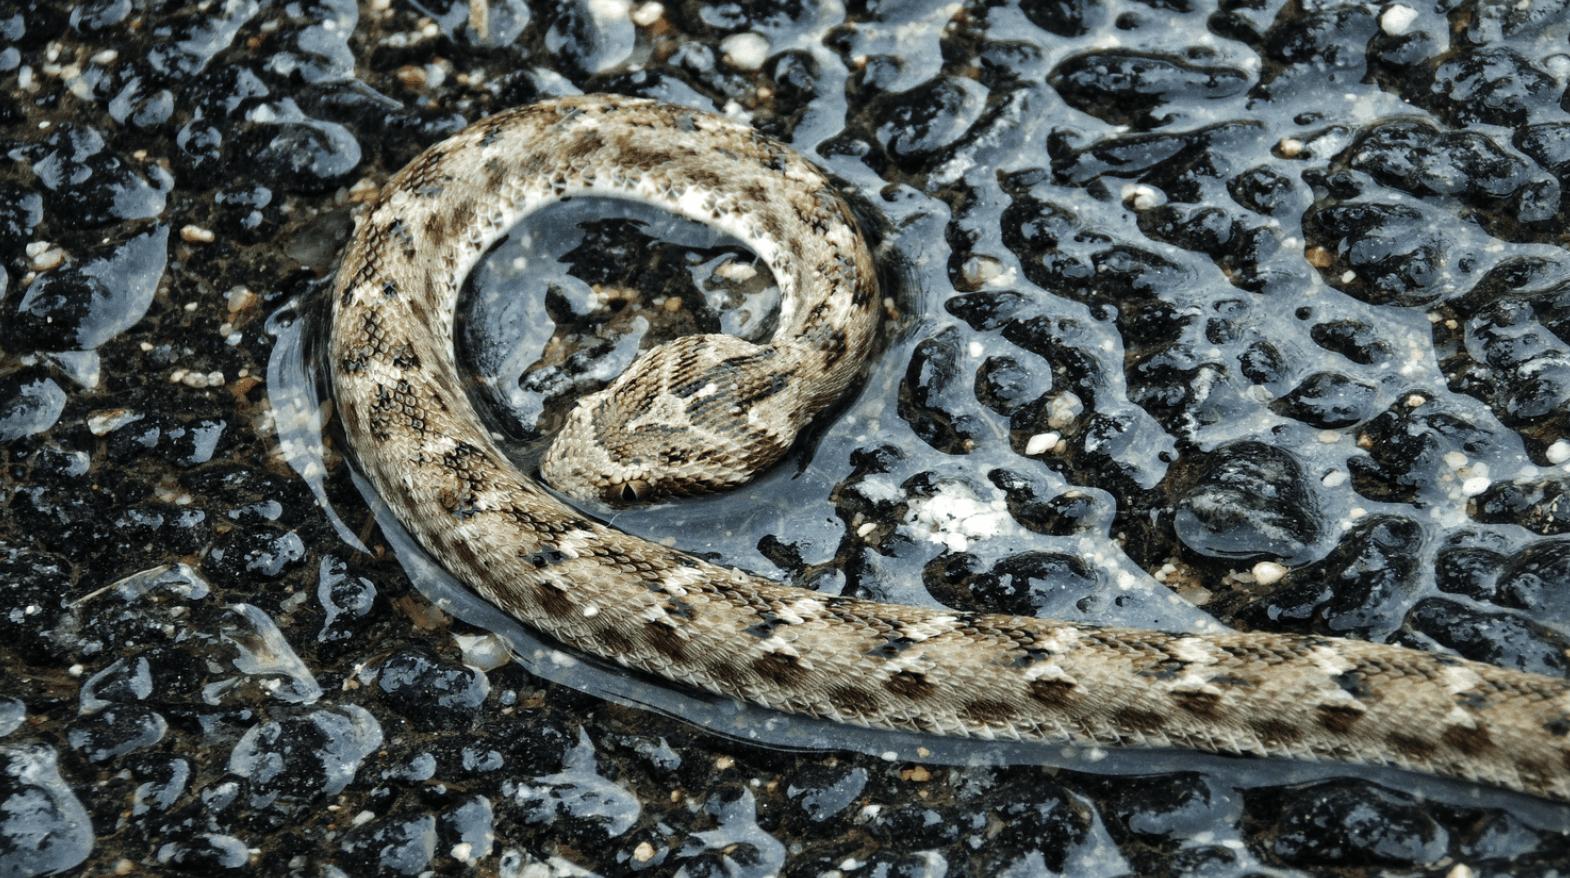 snake stock